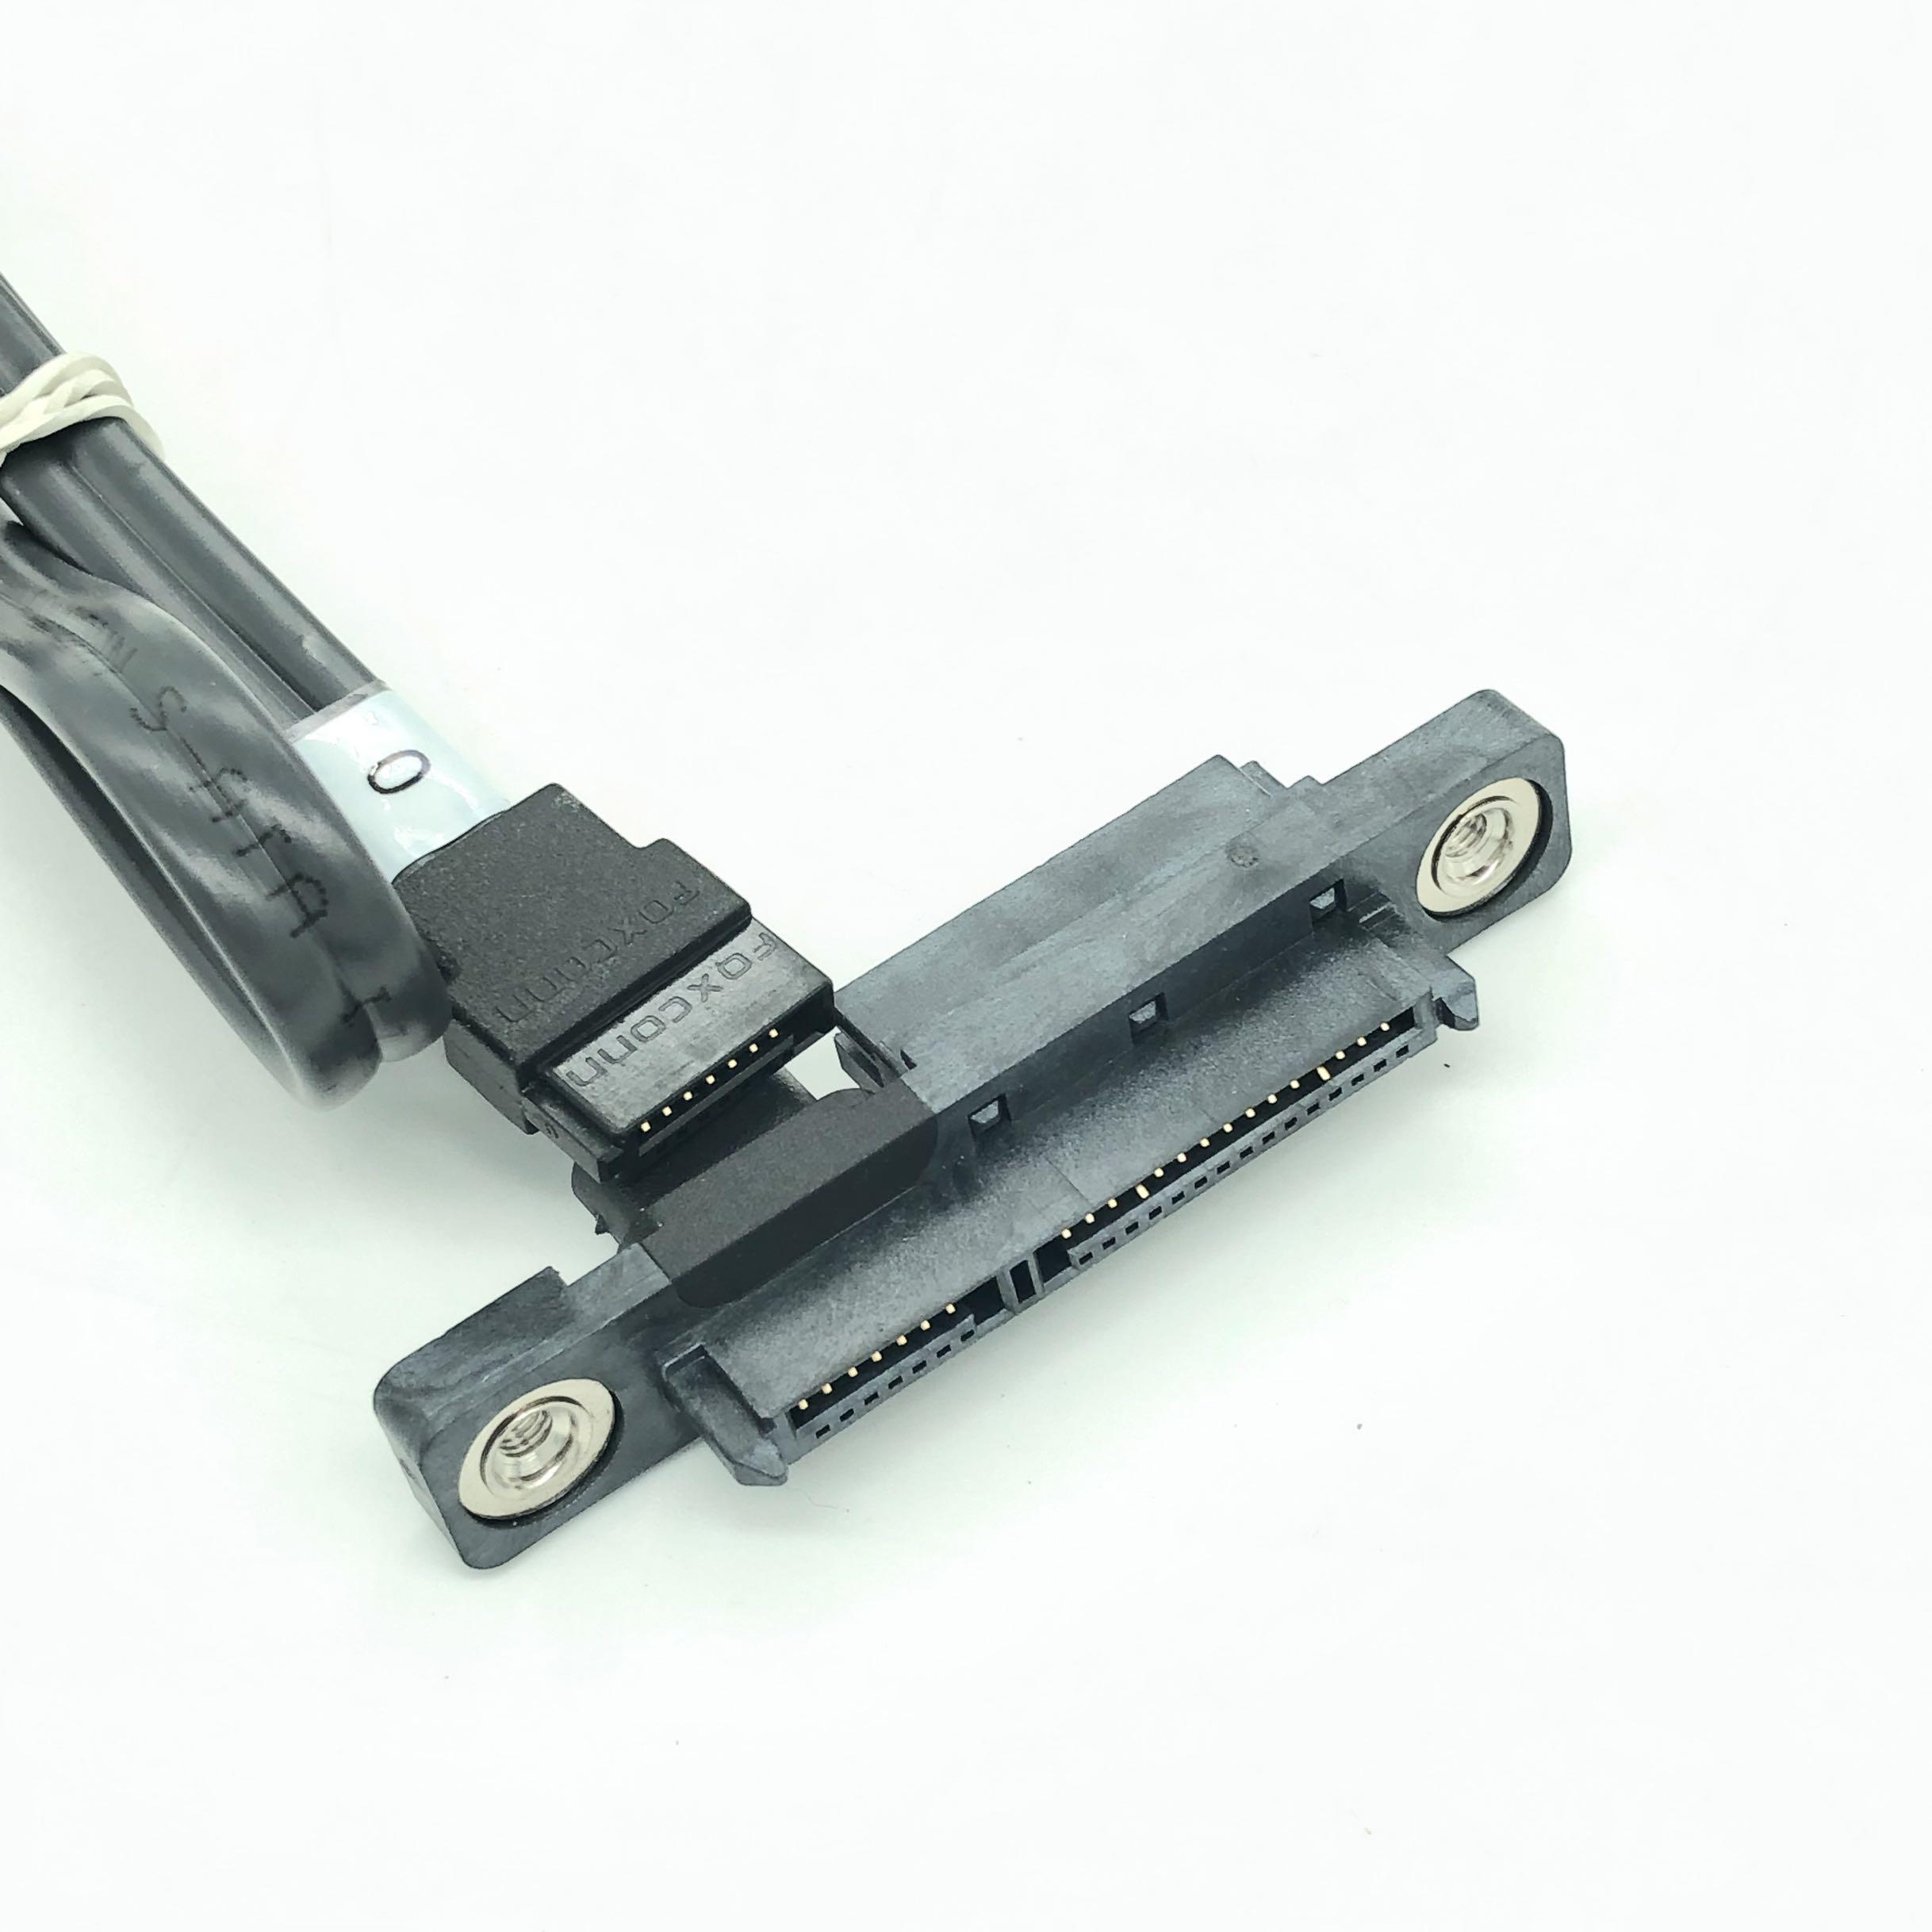 新到货5400条 IBM 数据线 SFF-8482 SAS转SATA线SAS硬盘接主板SATA转接线15PIN电源 富士康生产